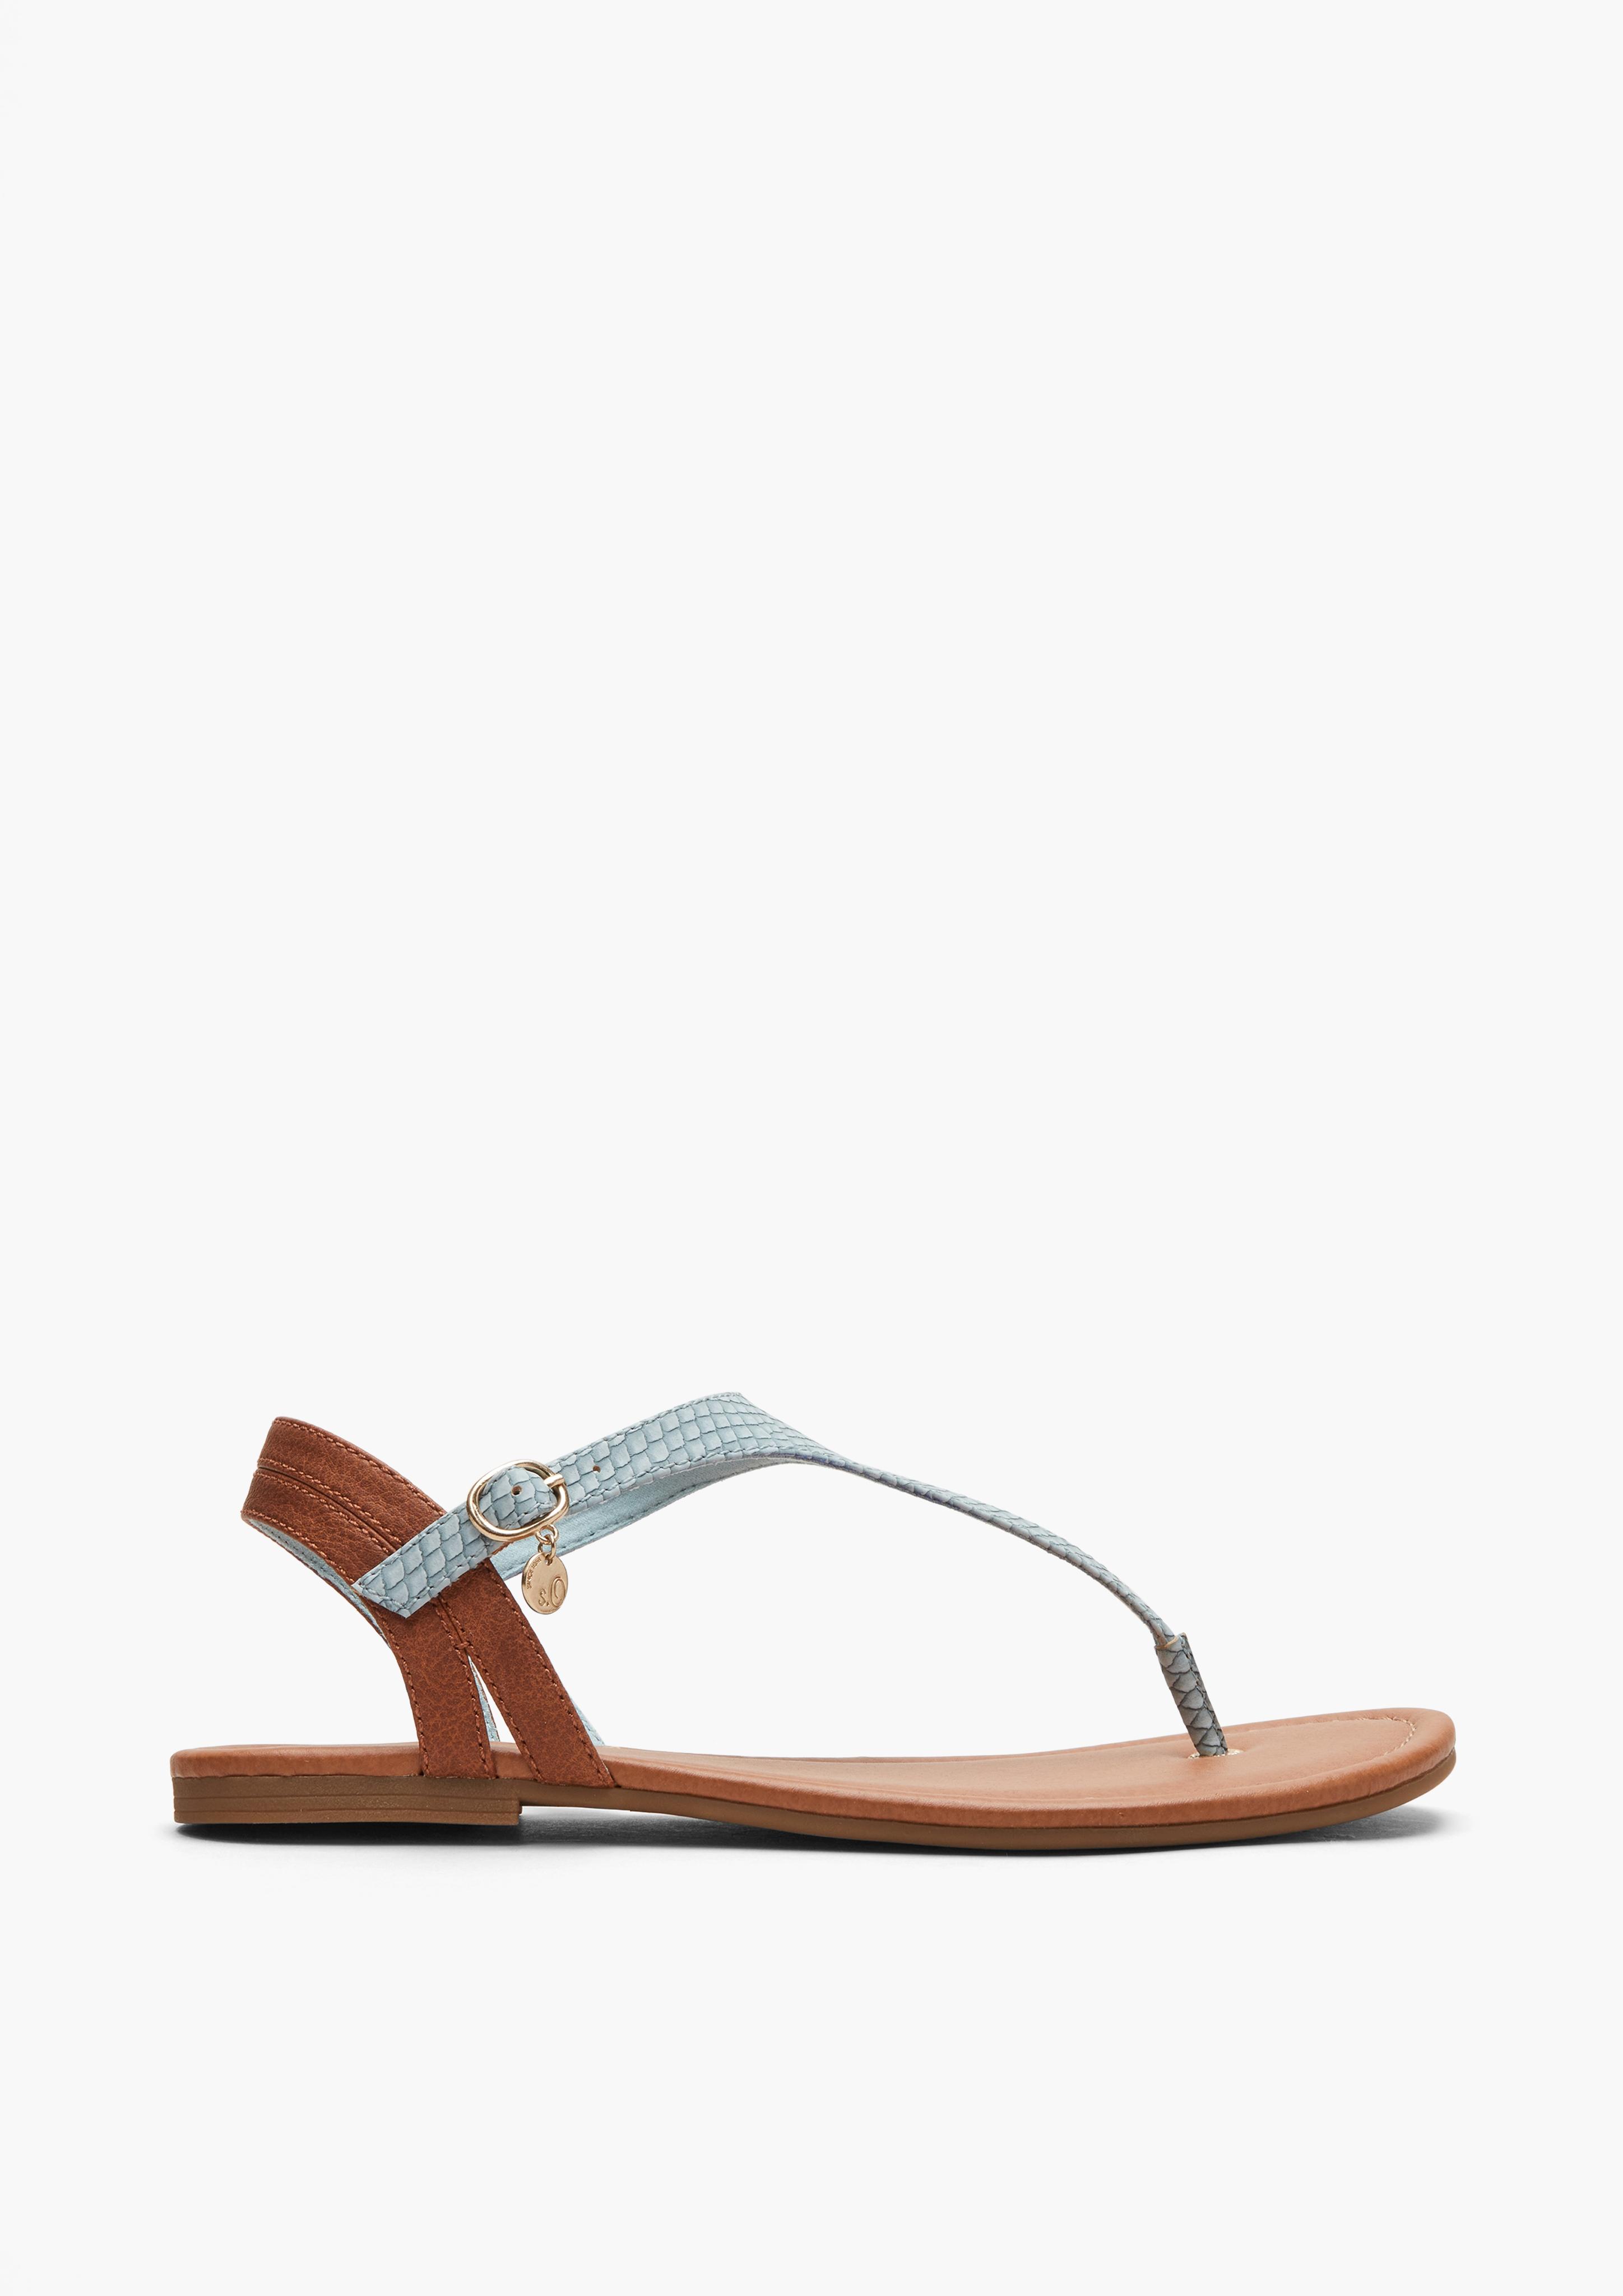 Sandalette S.OLIVER